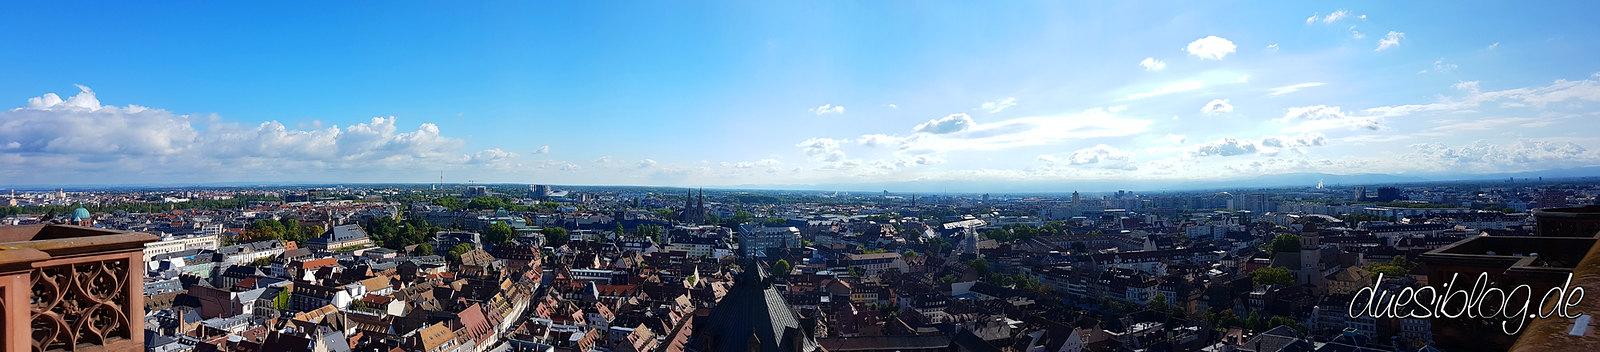 Cathedrale Notre-Dame de Strasbourg duesiblog travelblog 36